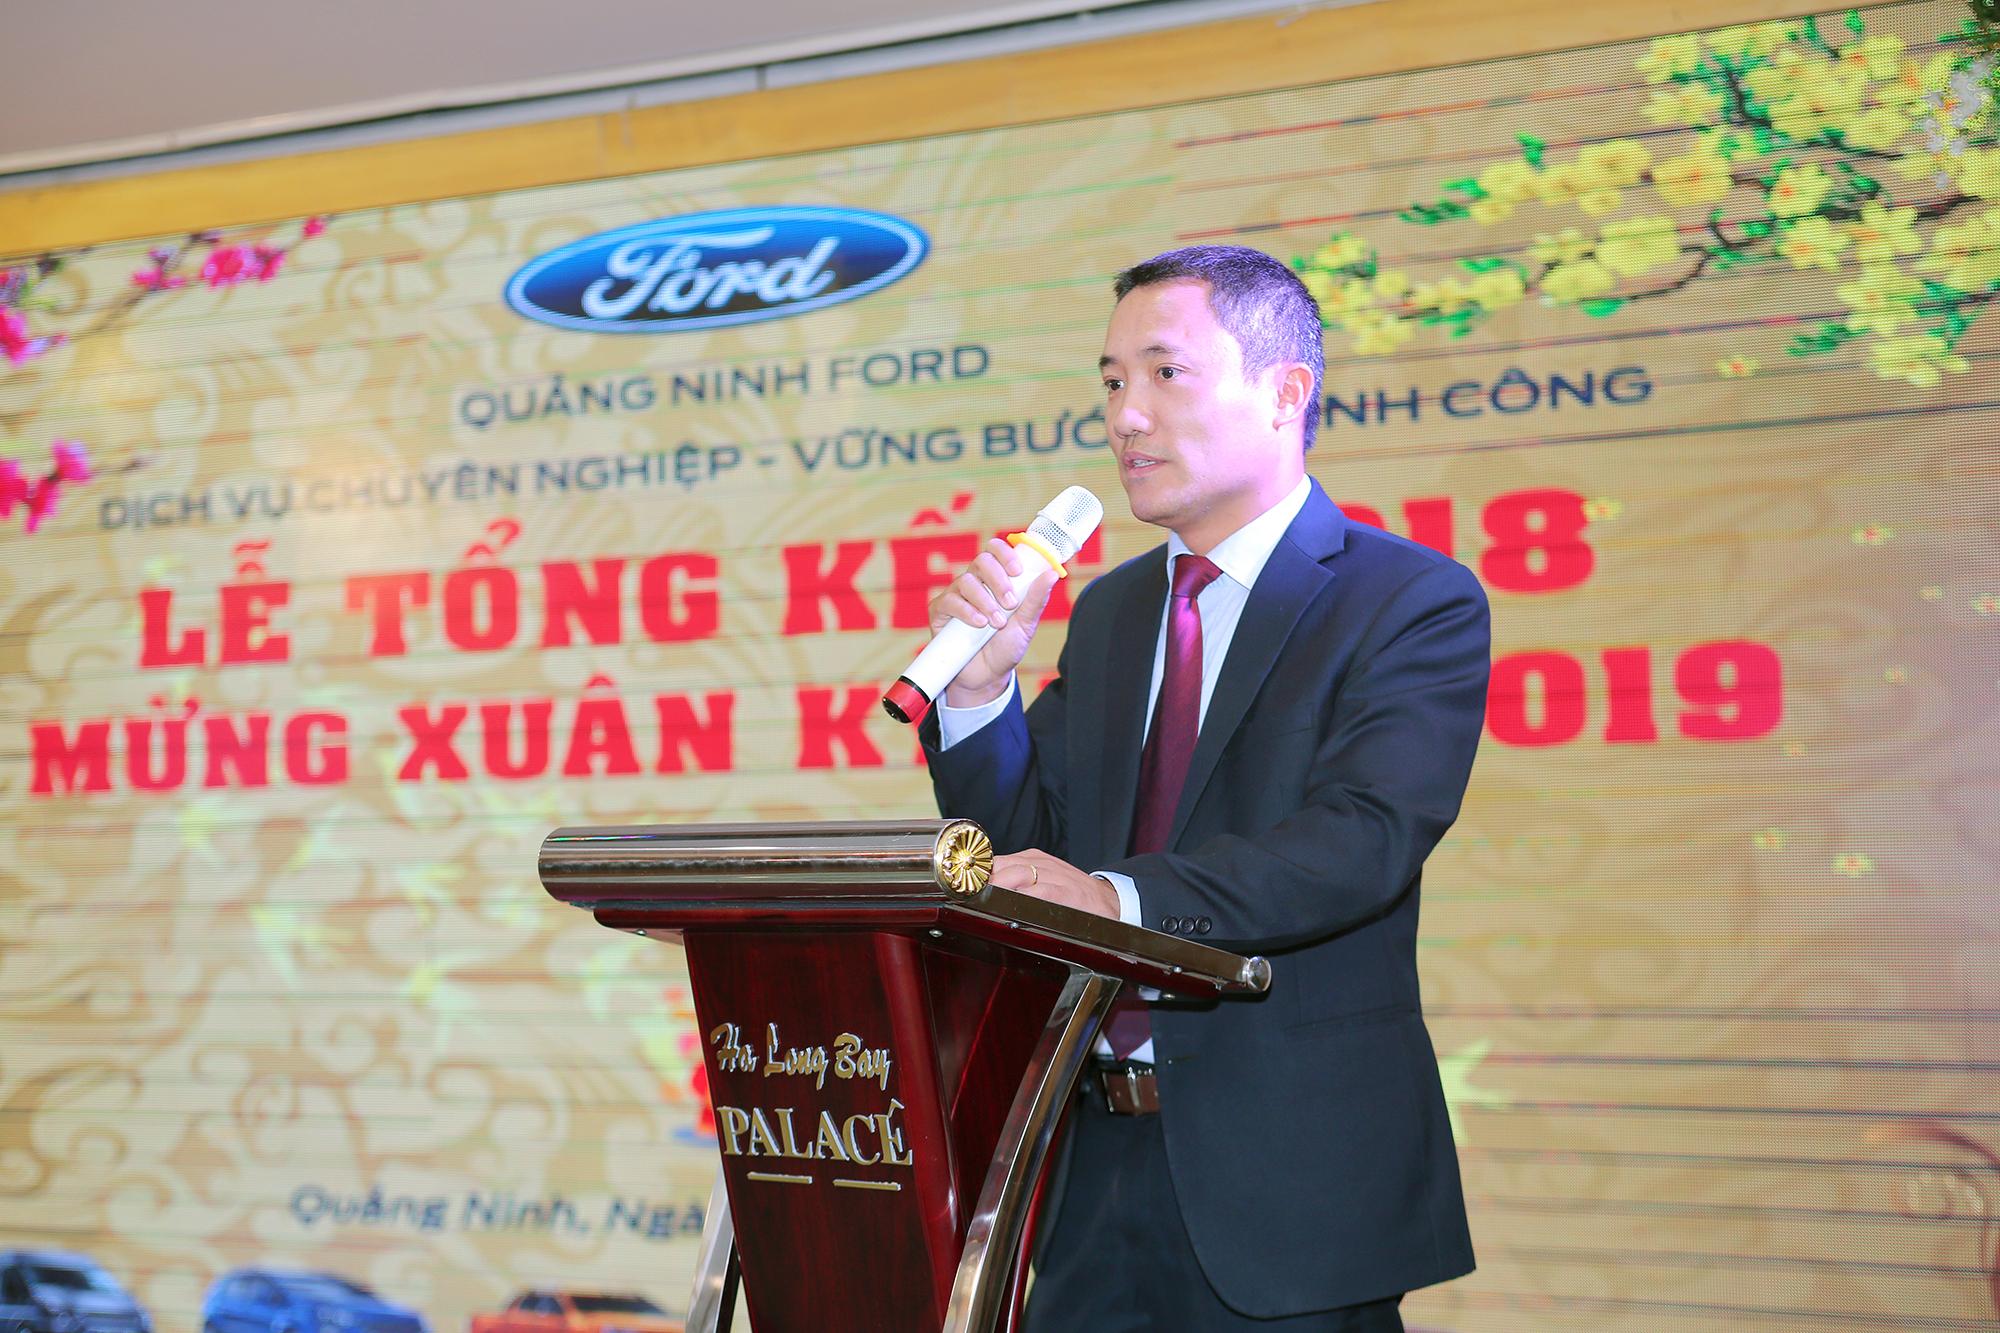 TGĐ Phạm Minh Dũng phát biểu tổng kết